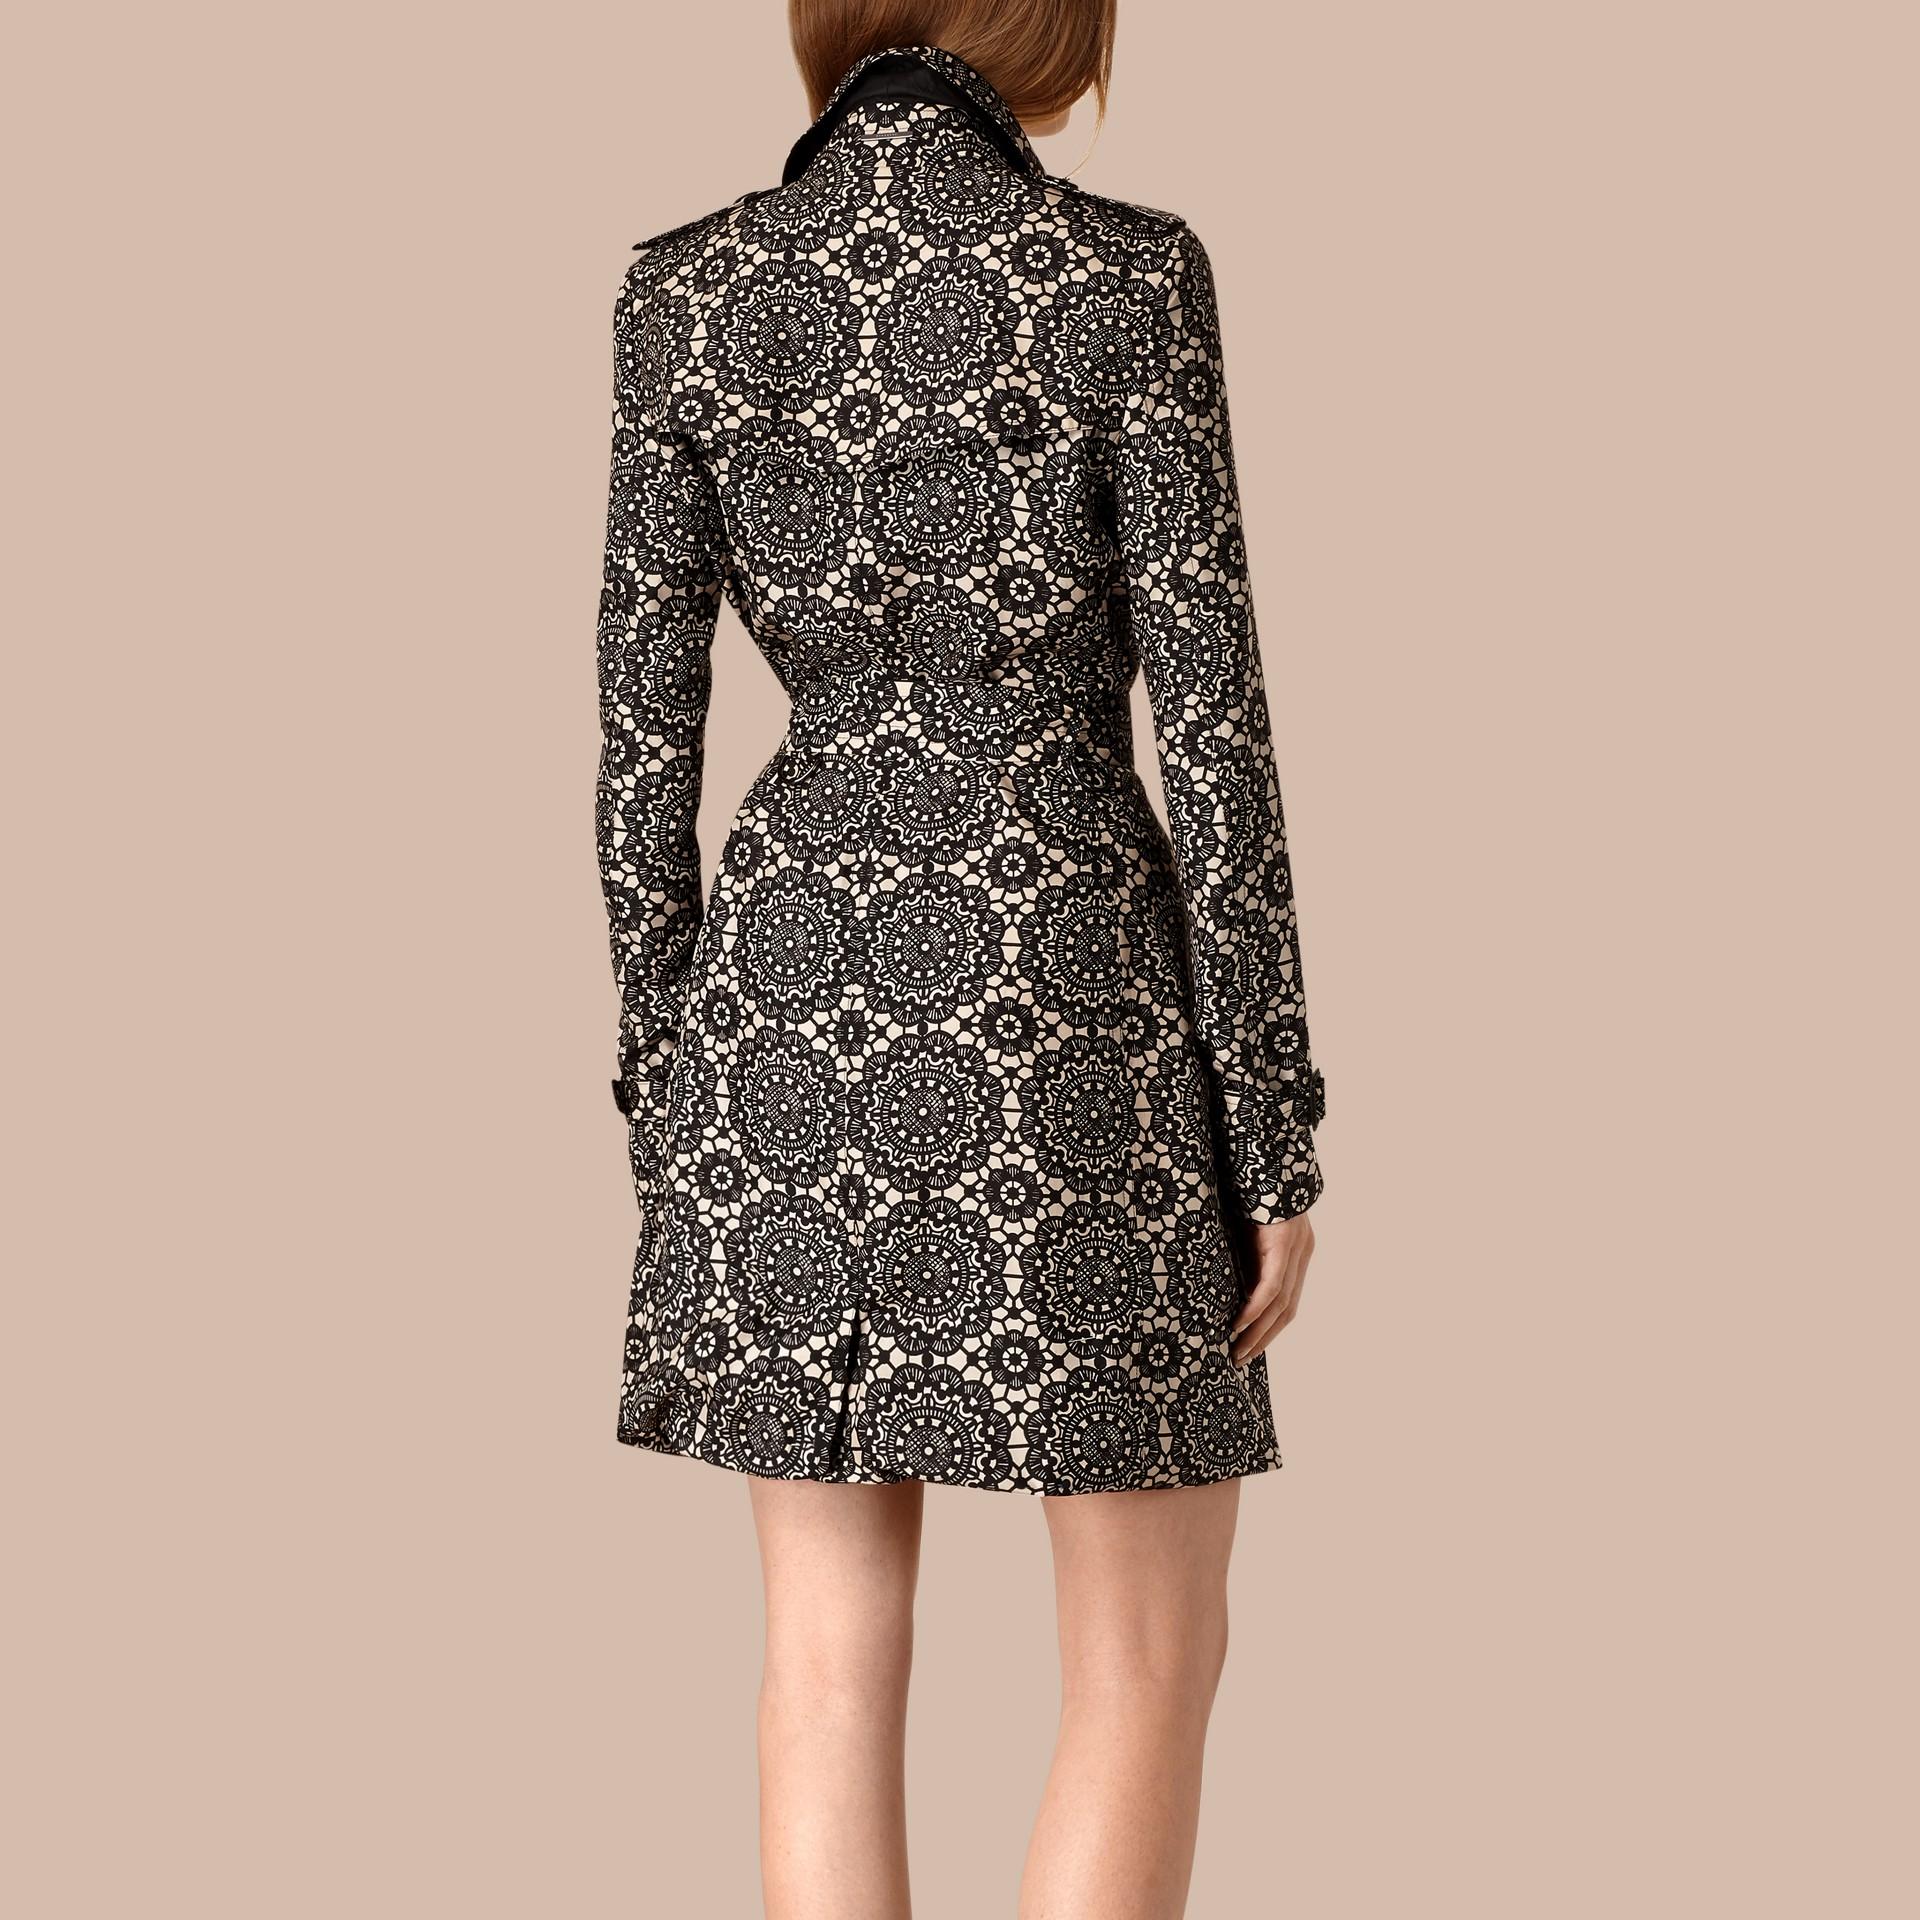 Areia/preto Trench coat de seda sem forro com estampa de renda - galeria de imagens 2